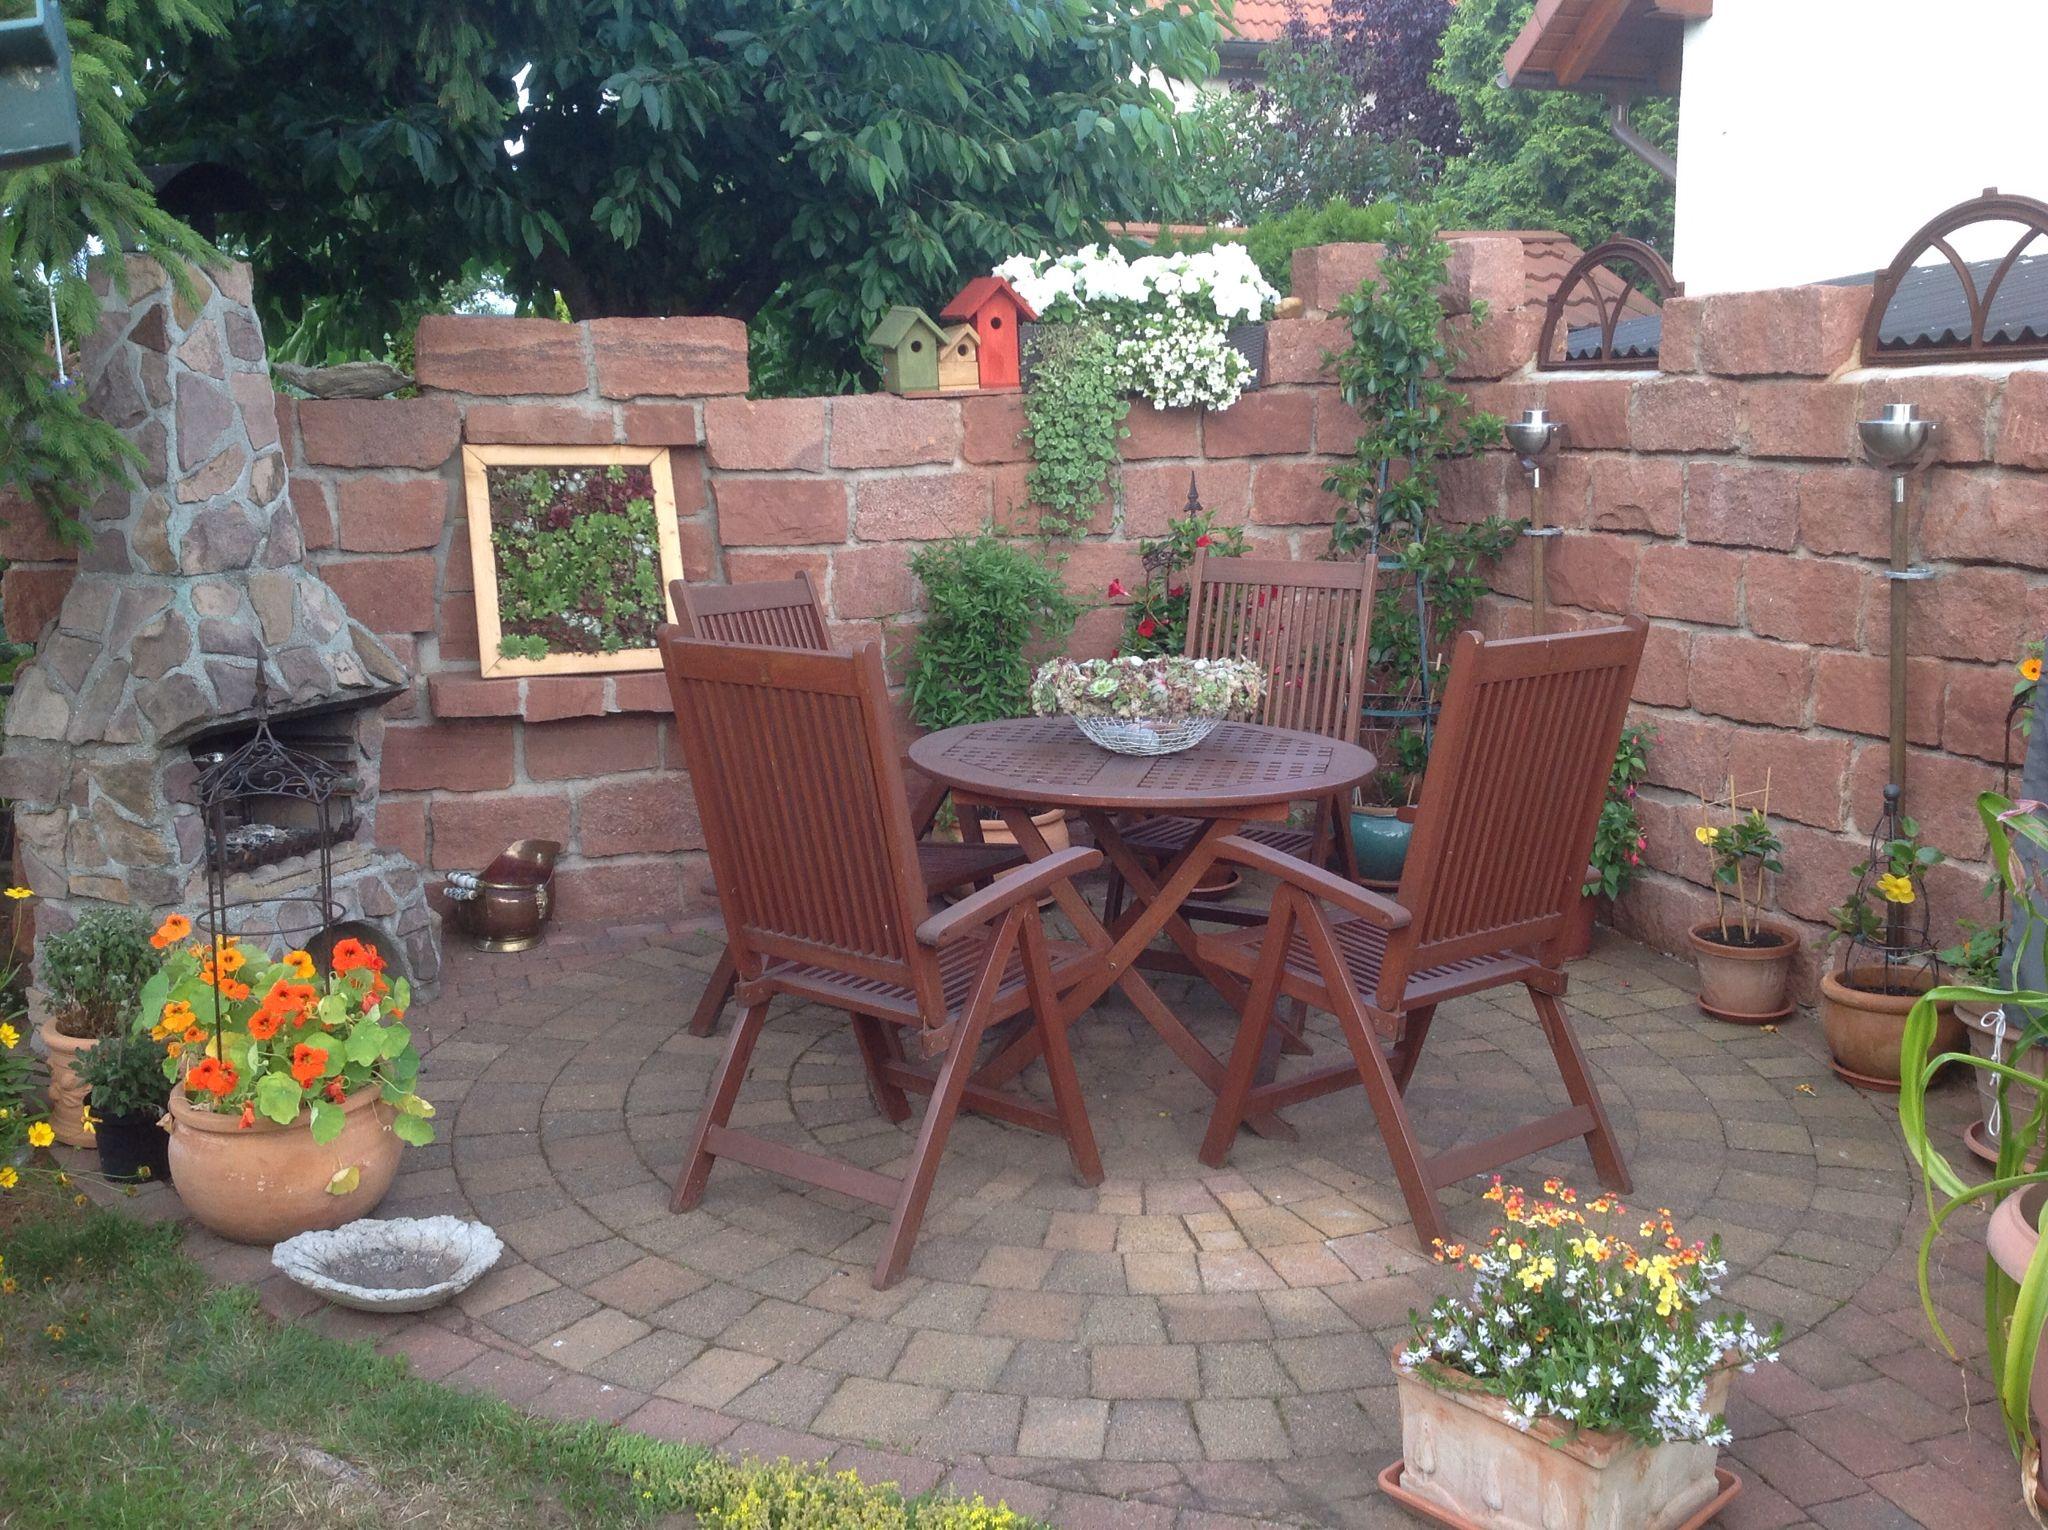 grillecke mit sukkulenten - Brick Garden 2015